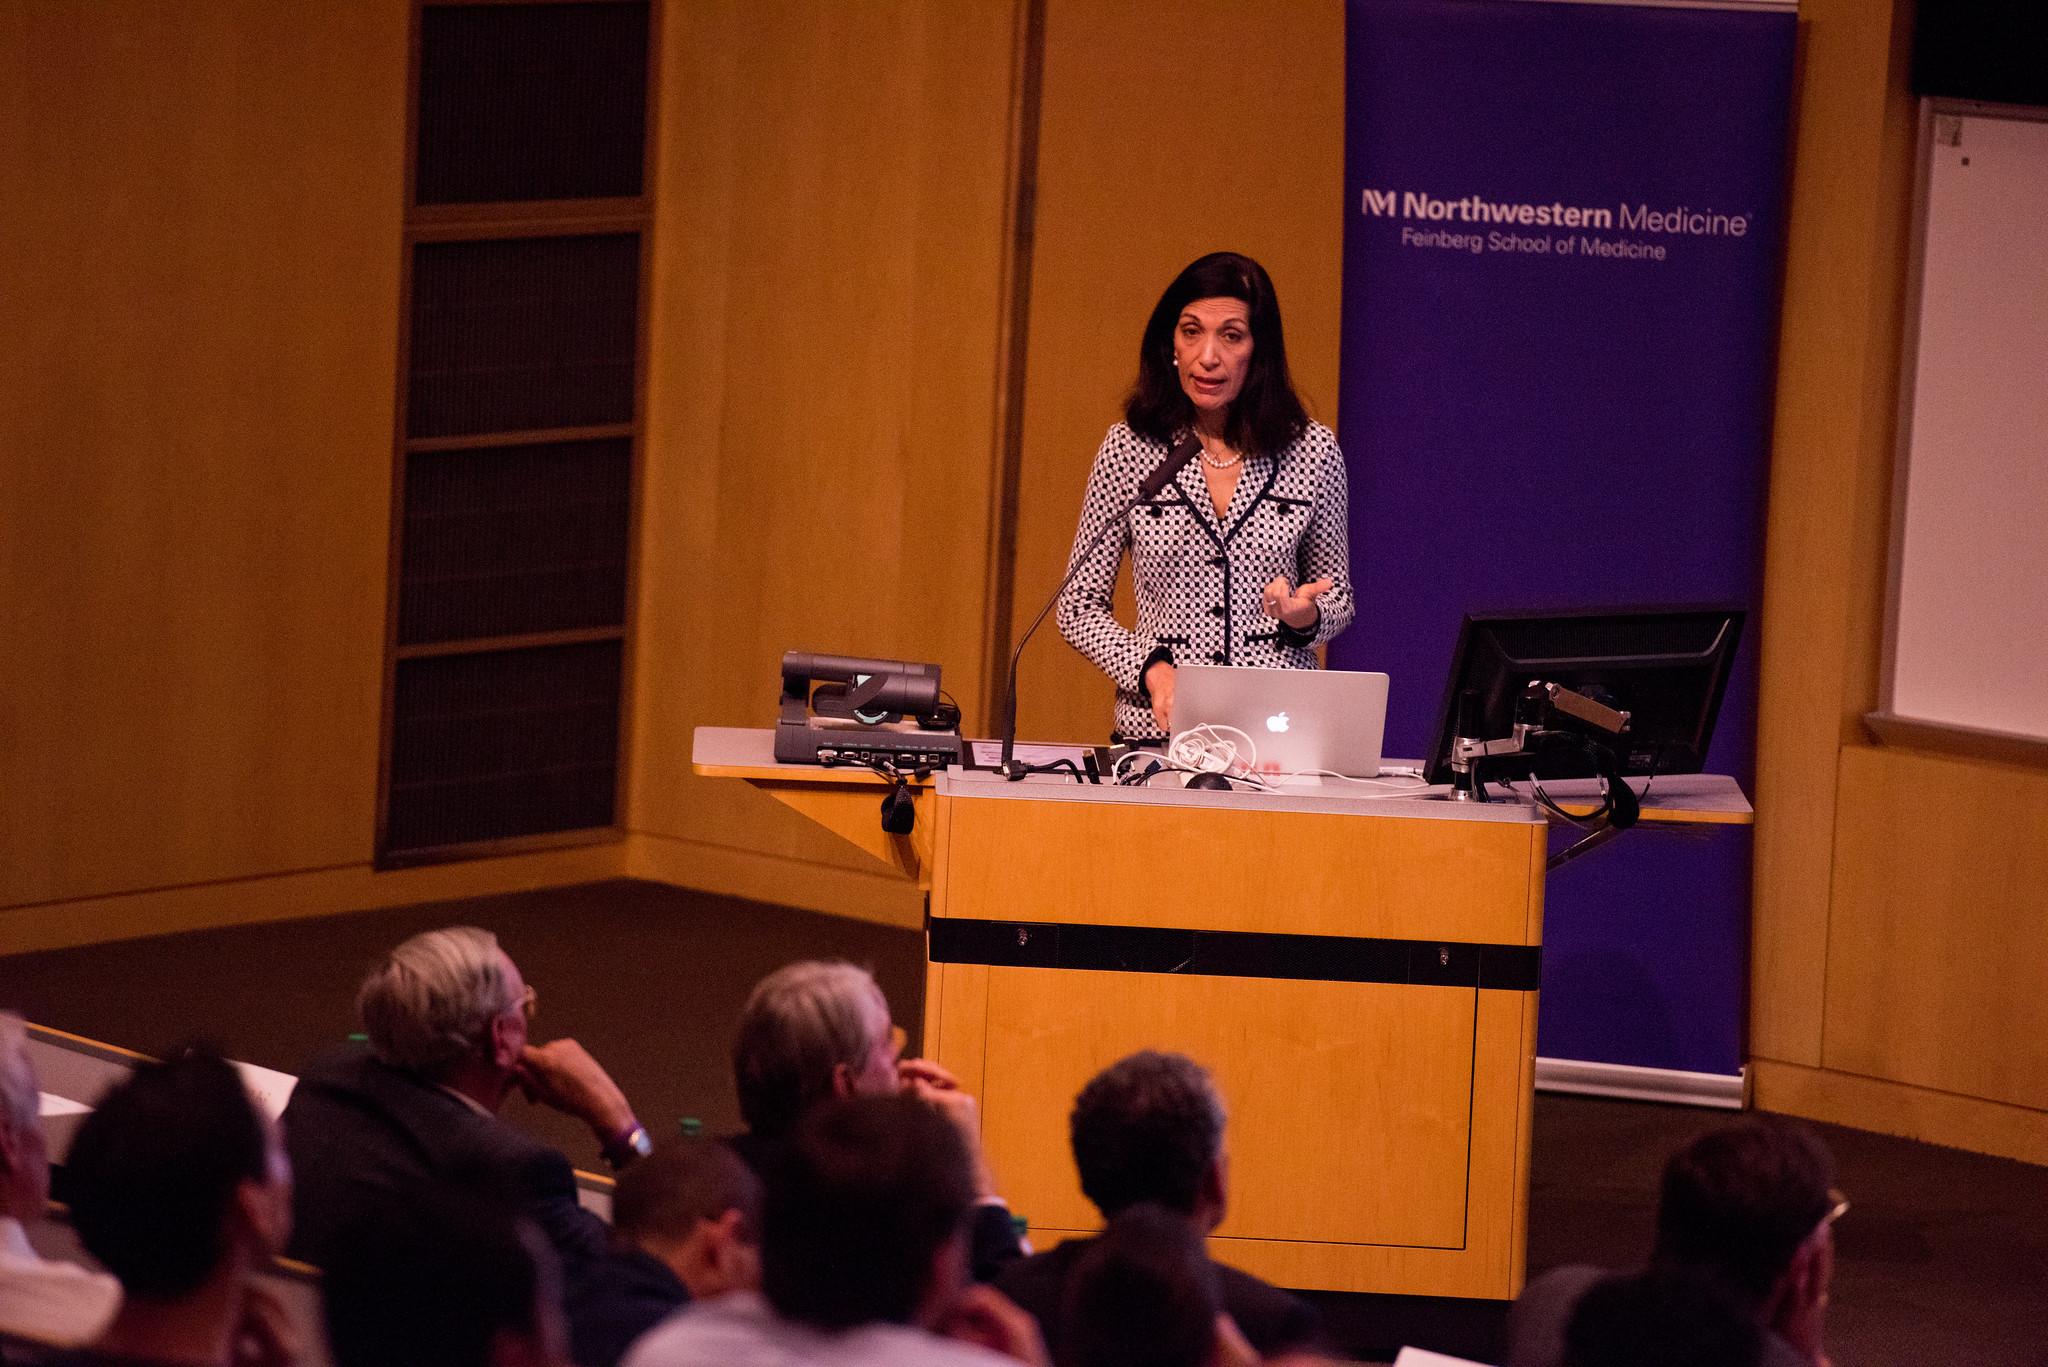 تعرّف على الدكتورة هدى الزغبي وأهم ما توصّلت إليه في طب الأعصاب الوراثي